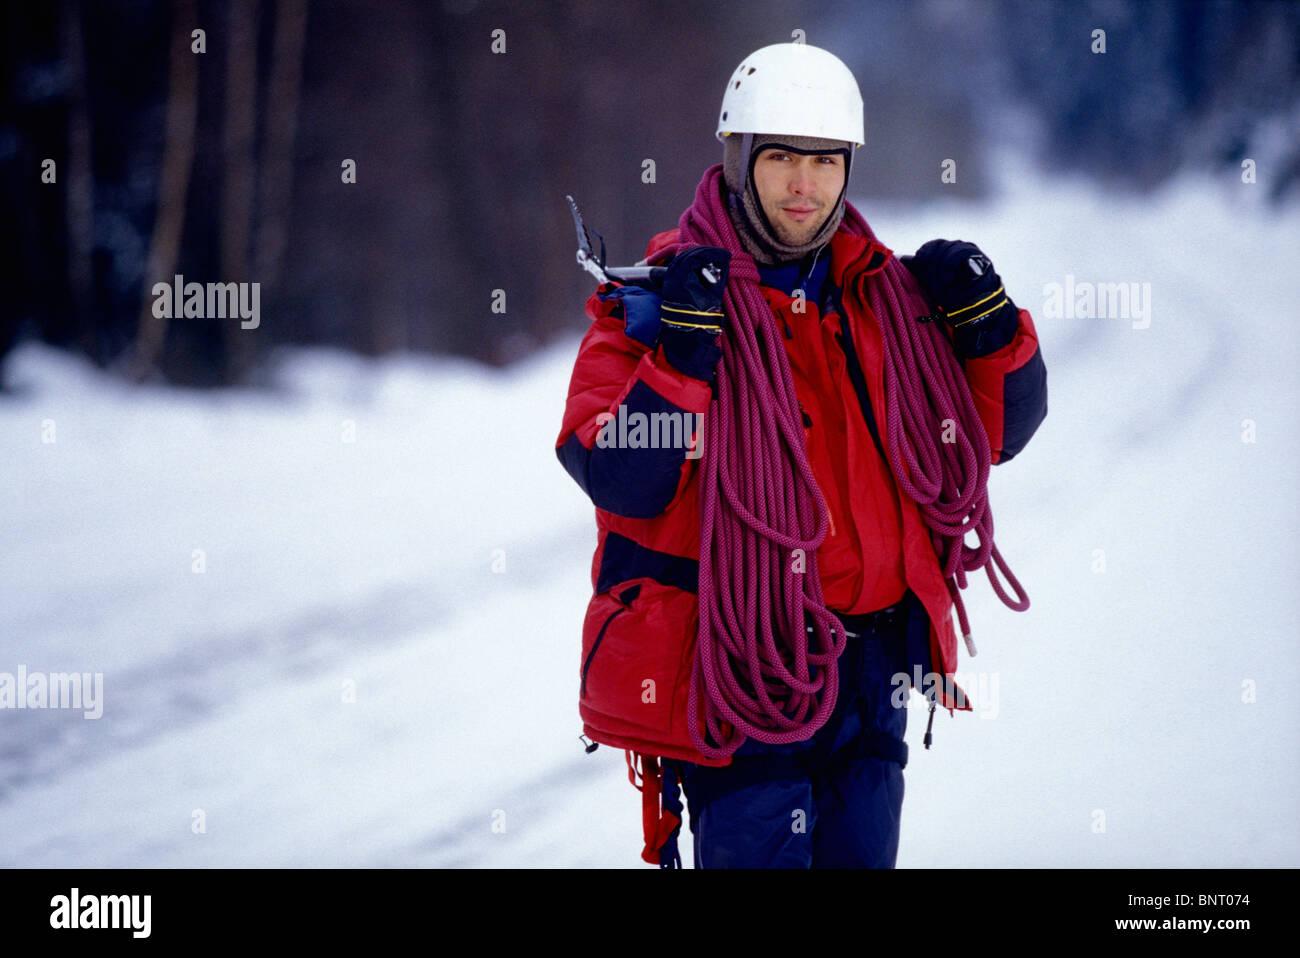 Klettergurt Aus Seil Machen : Der mensch steht im schnee mit seil klettergurt und eispickel